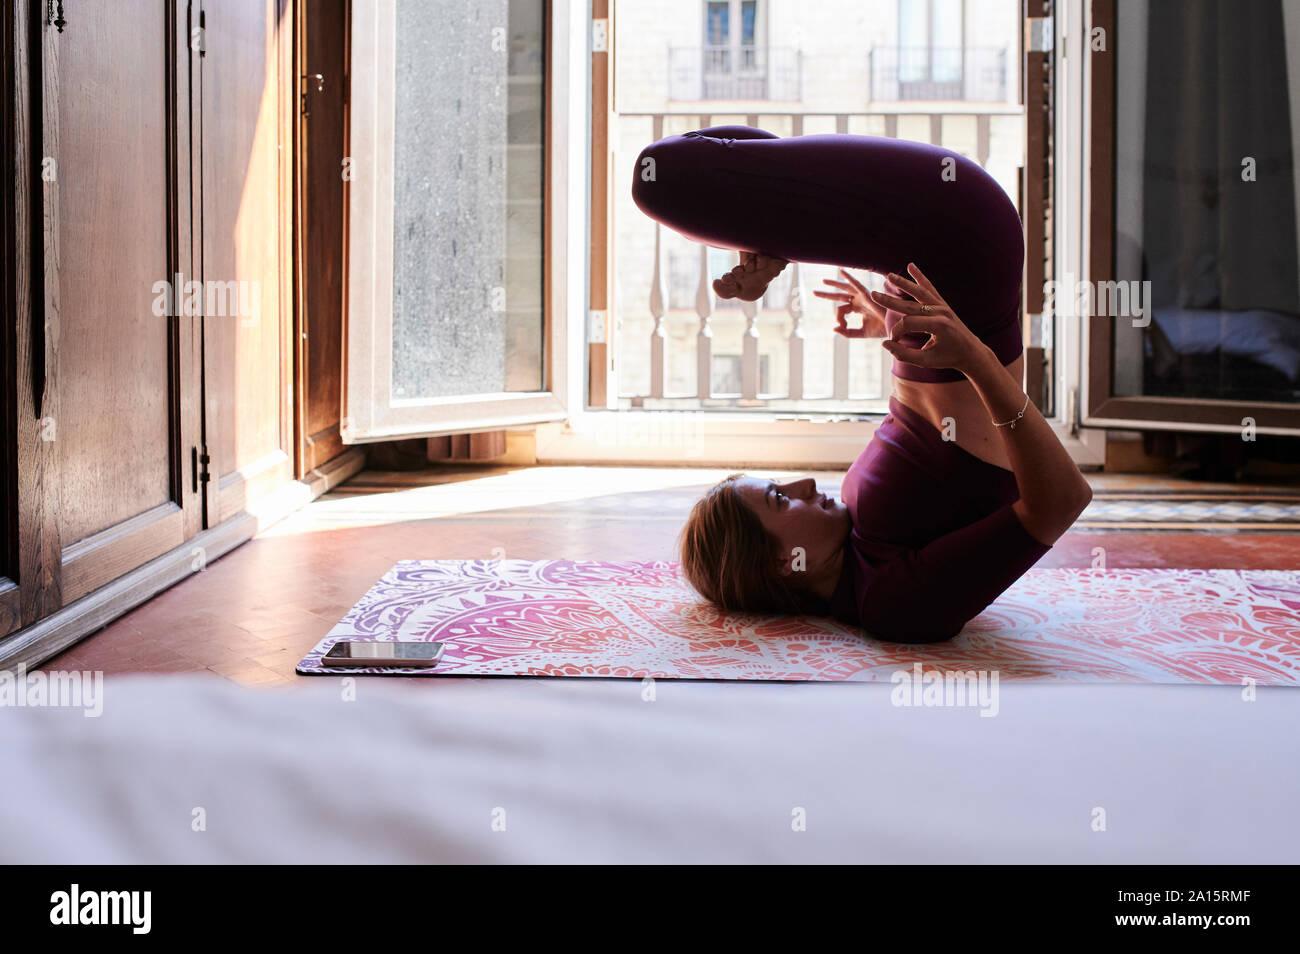 Jeune brunette woman practicing yoga in chambres d'étudiants Banque D'Images